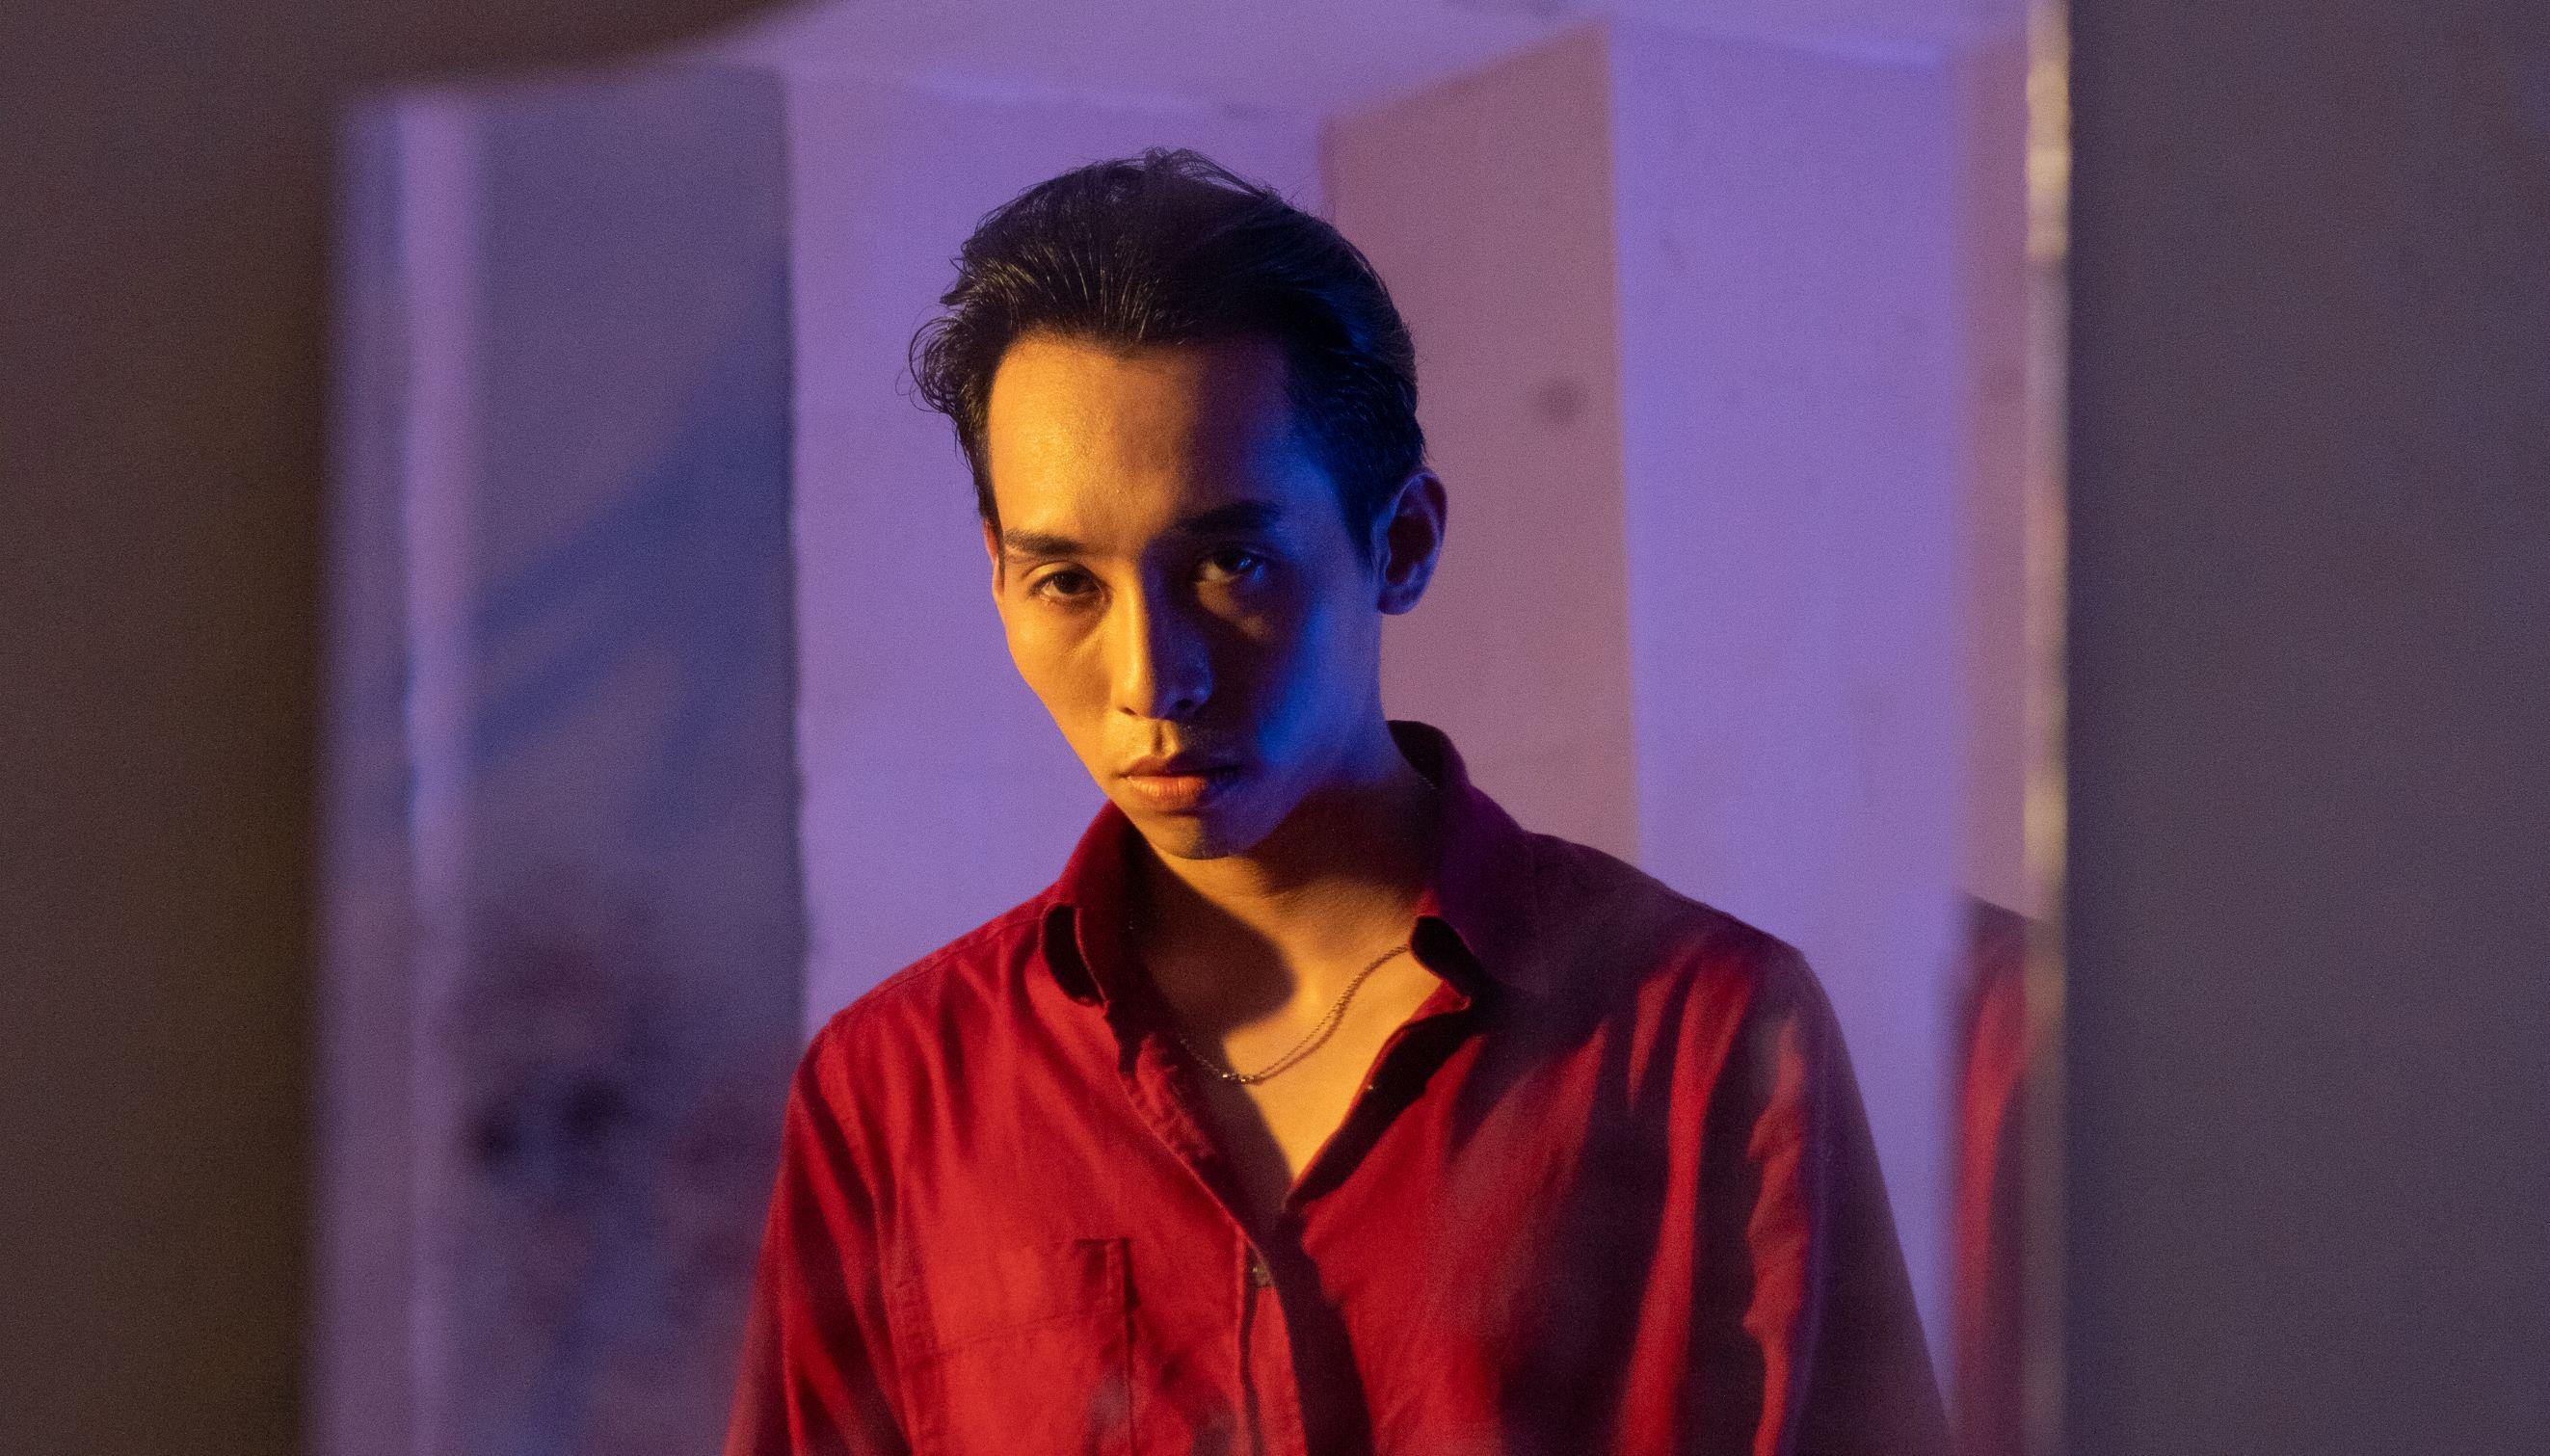 DanhKa - thành viên mới của G5R phát hành MV mang tên Kẻ Mộng Mer